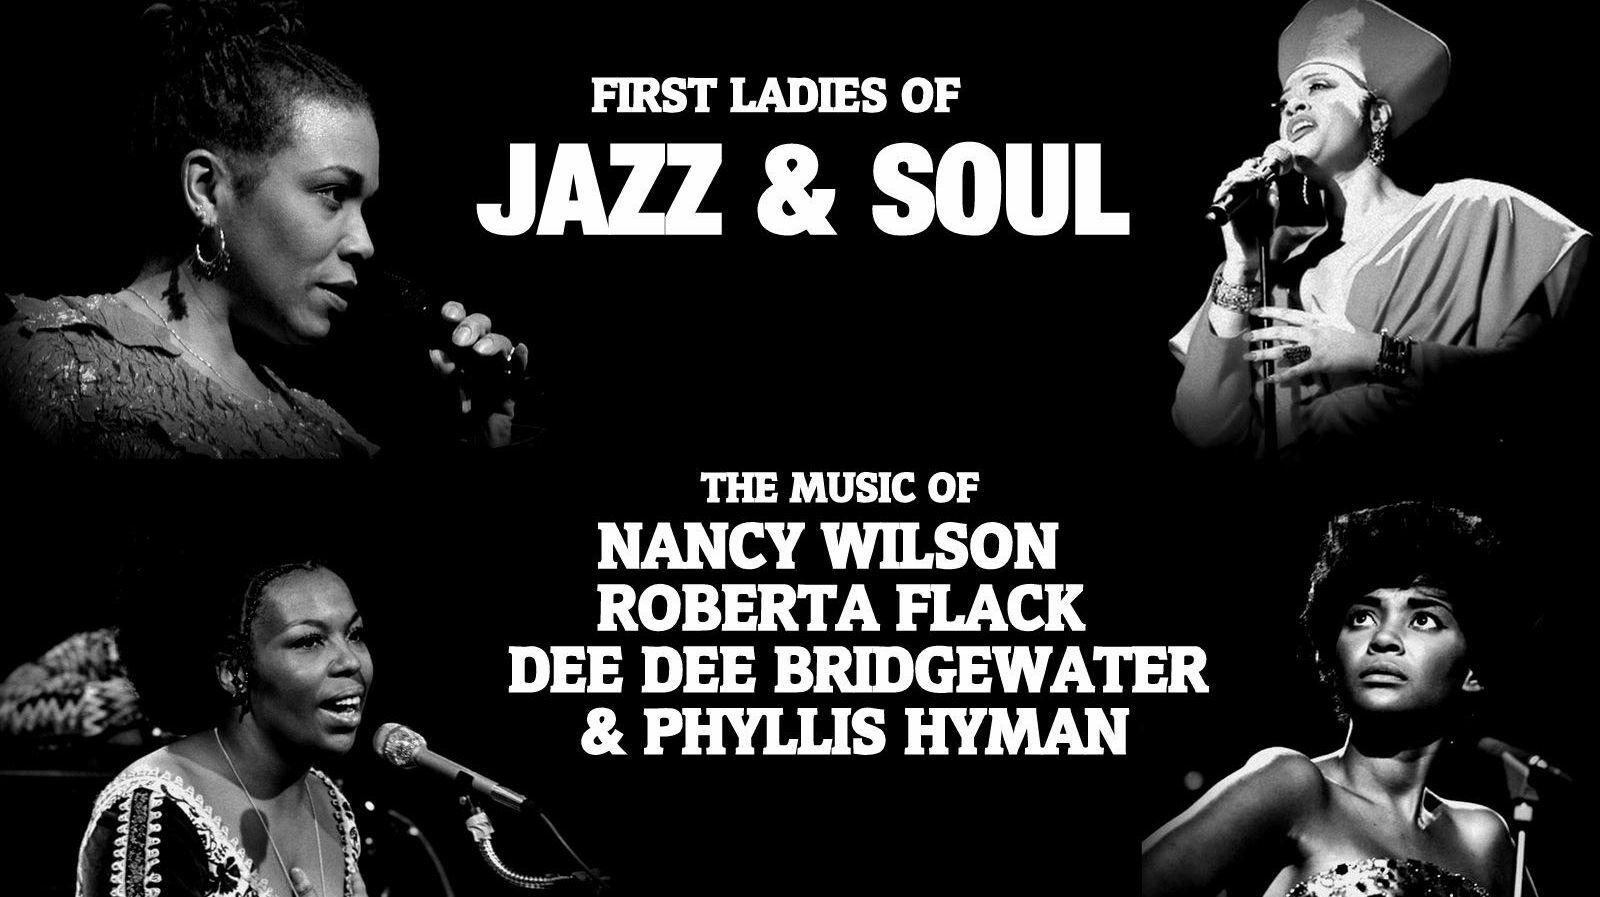 Music of Nancy Wilson, Roberta Flack, Dee Dee Bridgewater & Phyllis Hyman